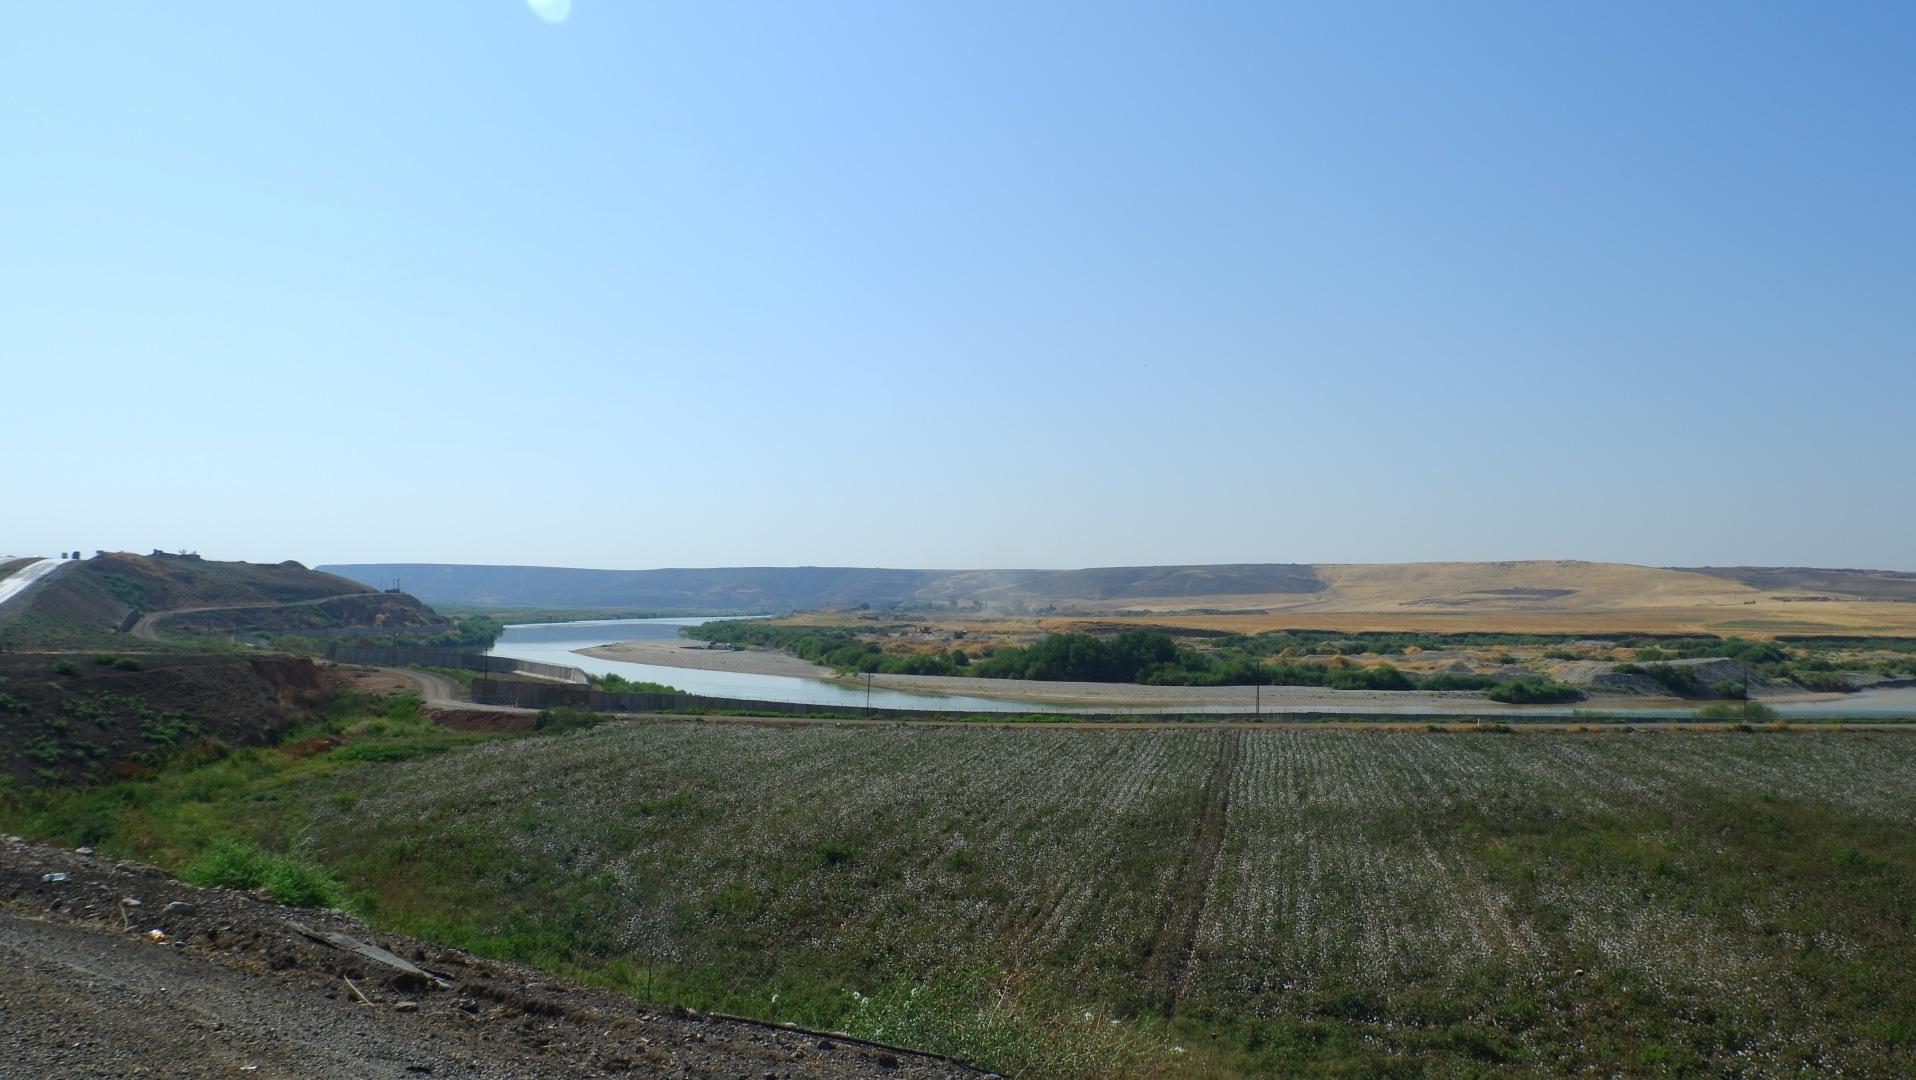 река Тигр. За ней Сирия